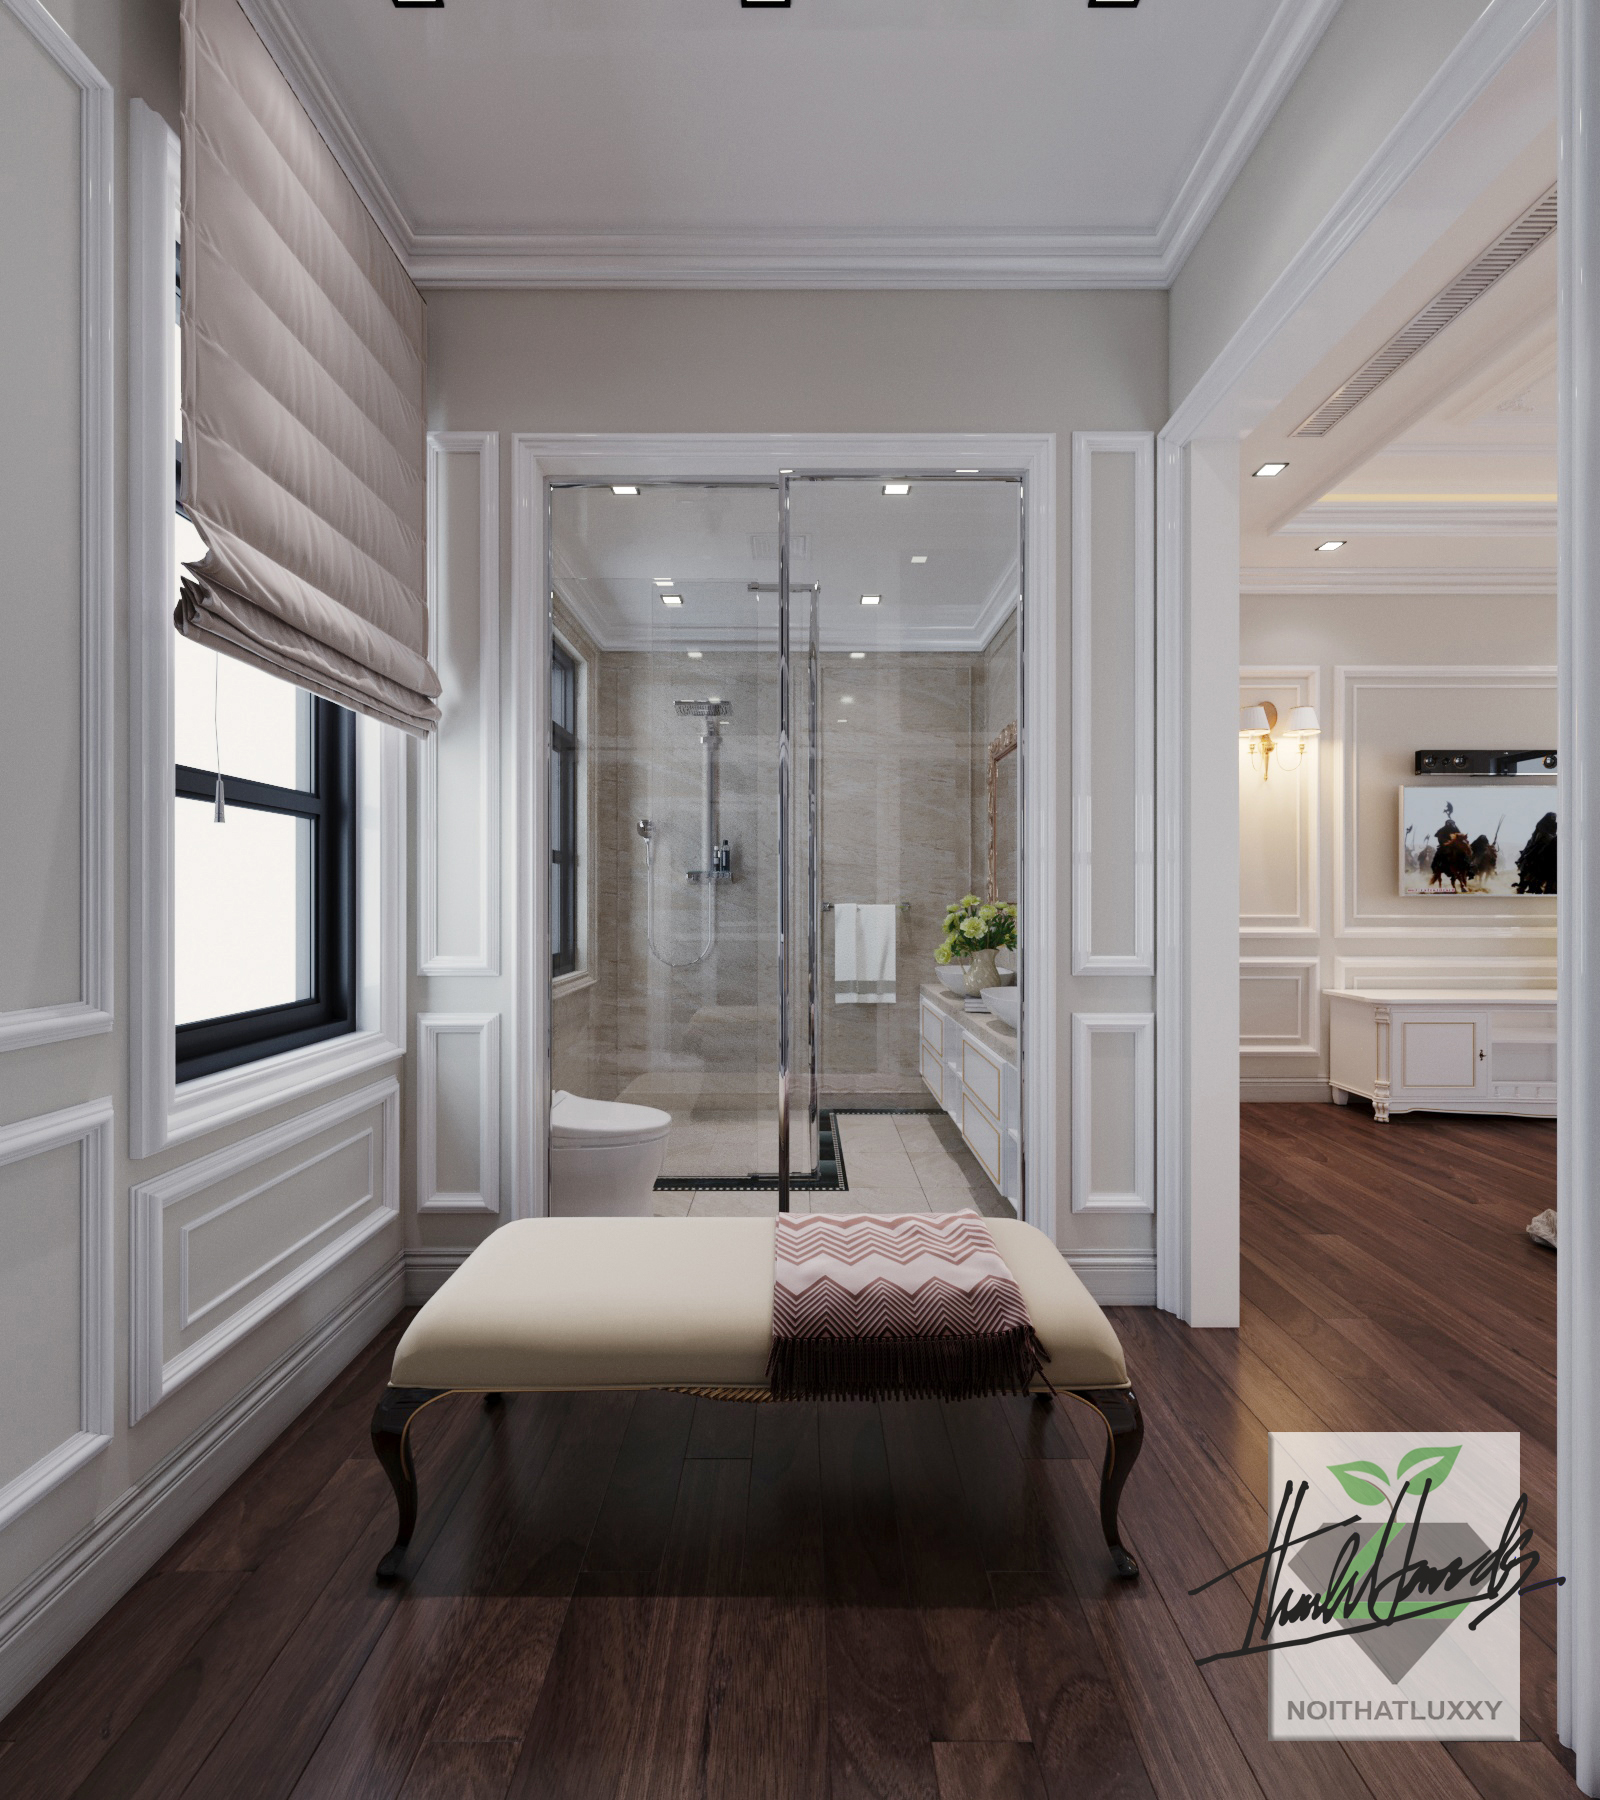 thiết kế nội thất Biệt Thự tại Hải Phòng Biệt thự Vinhomes - imperia ( khu MHT) 33 1568275642